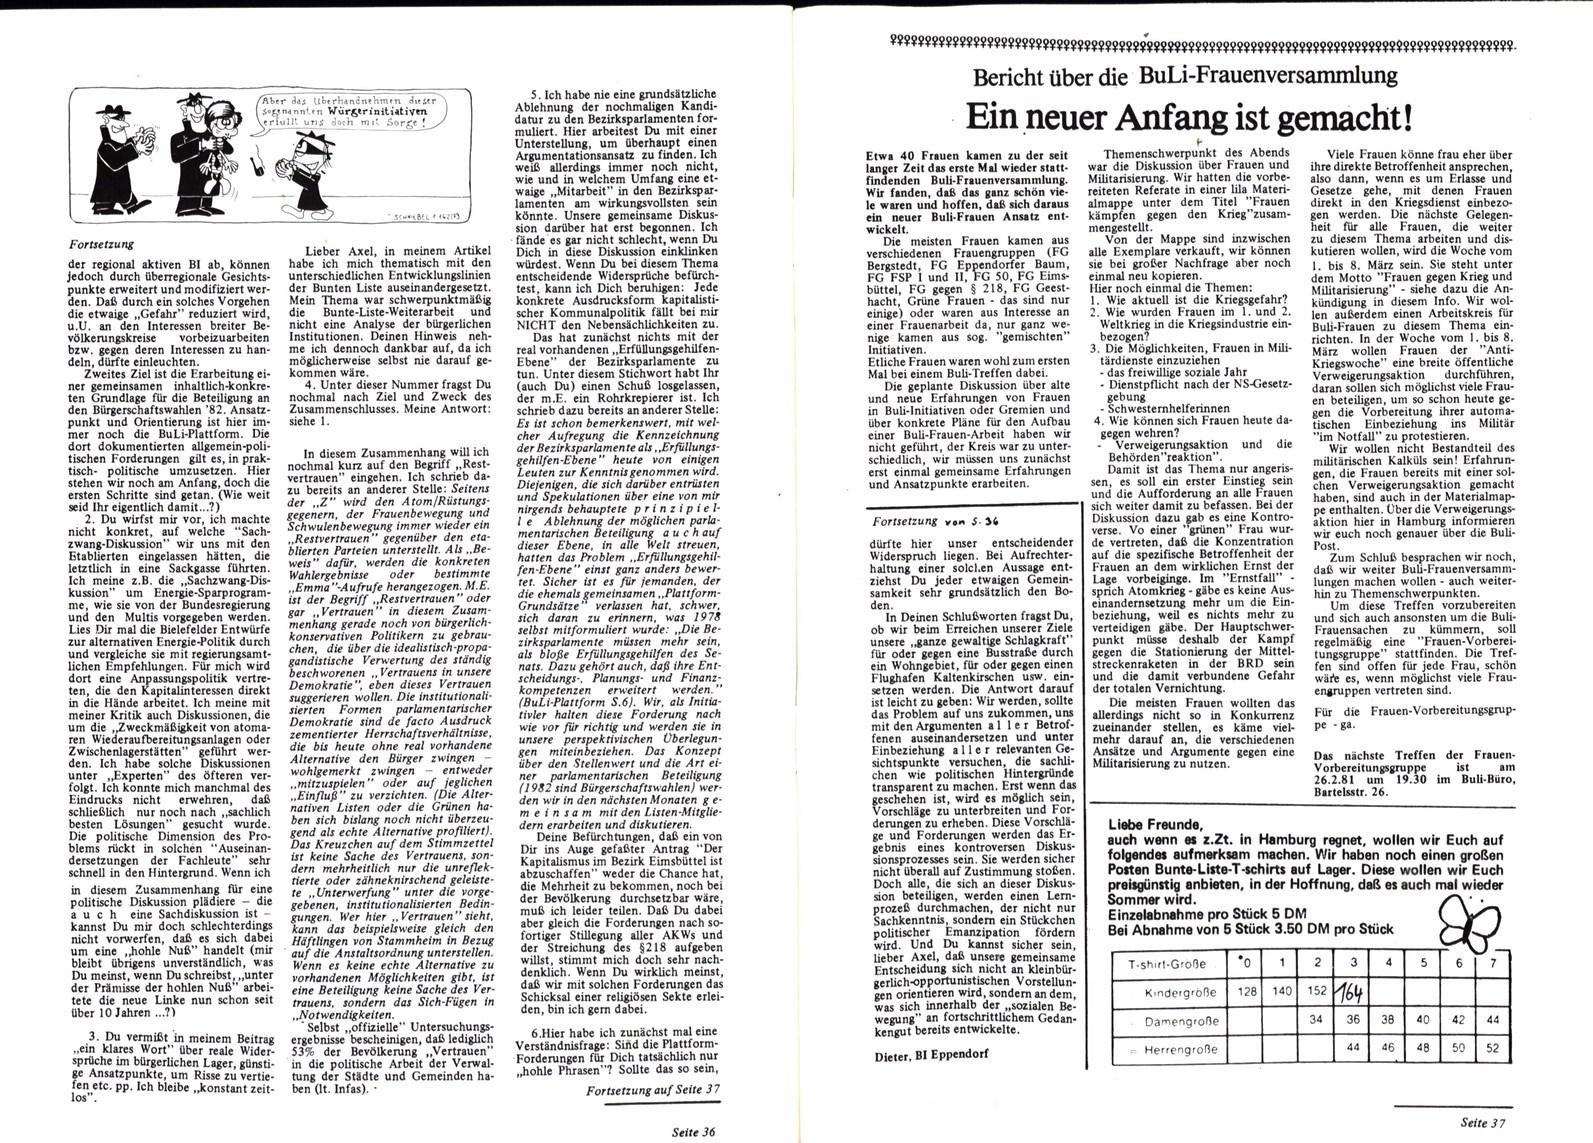 Hamburg_BuLi_Info_19810200_19